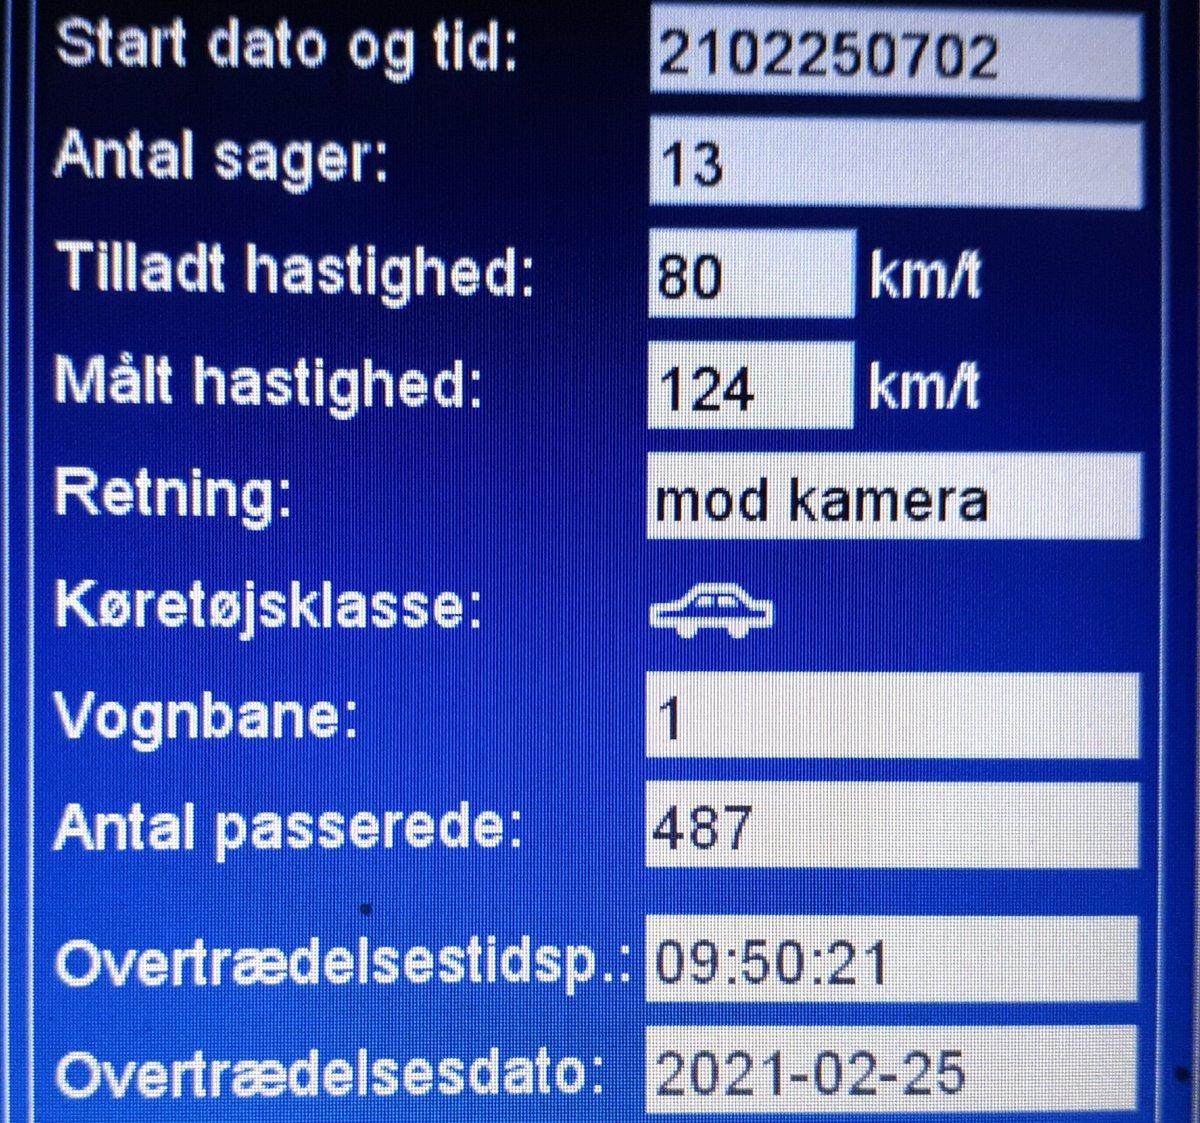 Fotovognen har været på Bovvej mellem Agerskov og Toftlund i Tønder komm. Dette er vores fokusstrækning hvor vi vil måle oftere end andre steder. 32 blev blitzet deraf et klip i kørekortet, hvor den hurtigste kørte 124 km/t. Sænk farten.Bovvej er ikke en motorvej #atkdk #politidk https://t.co/qrd0pZdTAj